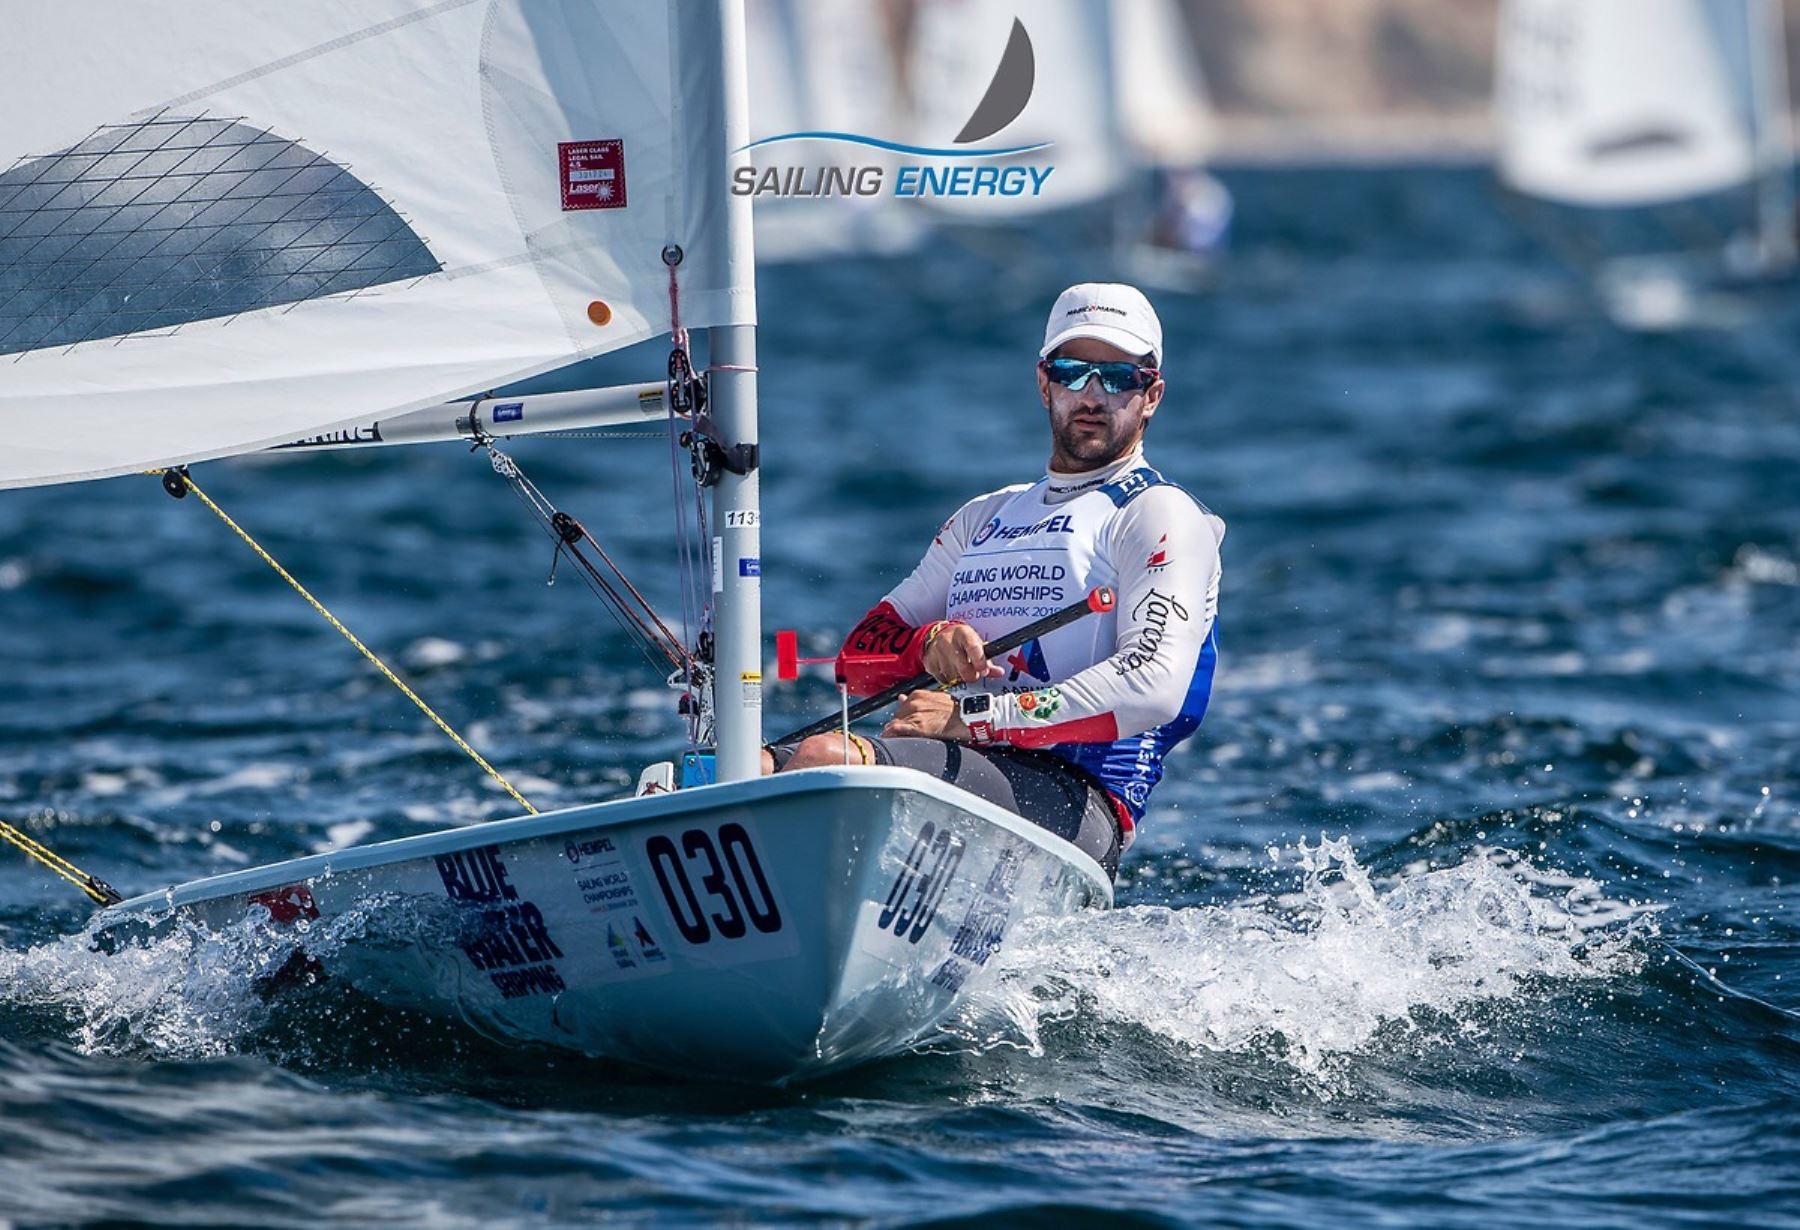 Stefano Peschiera vuelve a ser el primer peruano en clasificar a unos Juegos Olímpicos